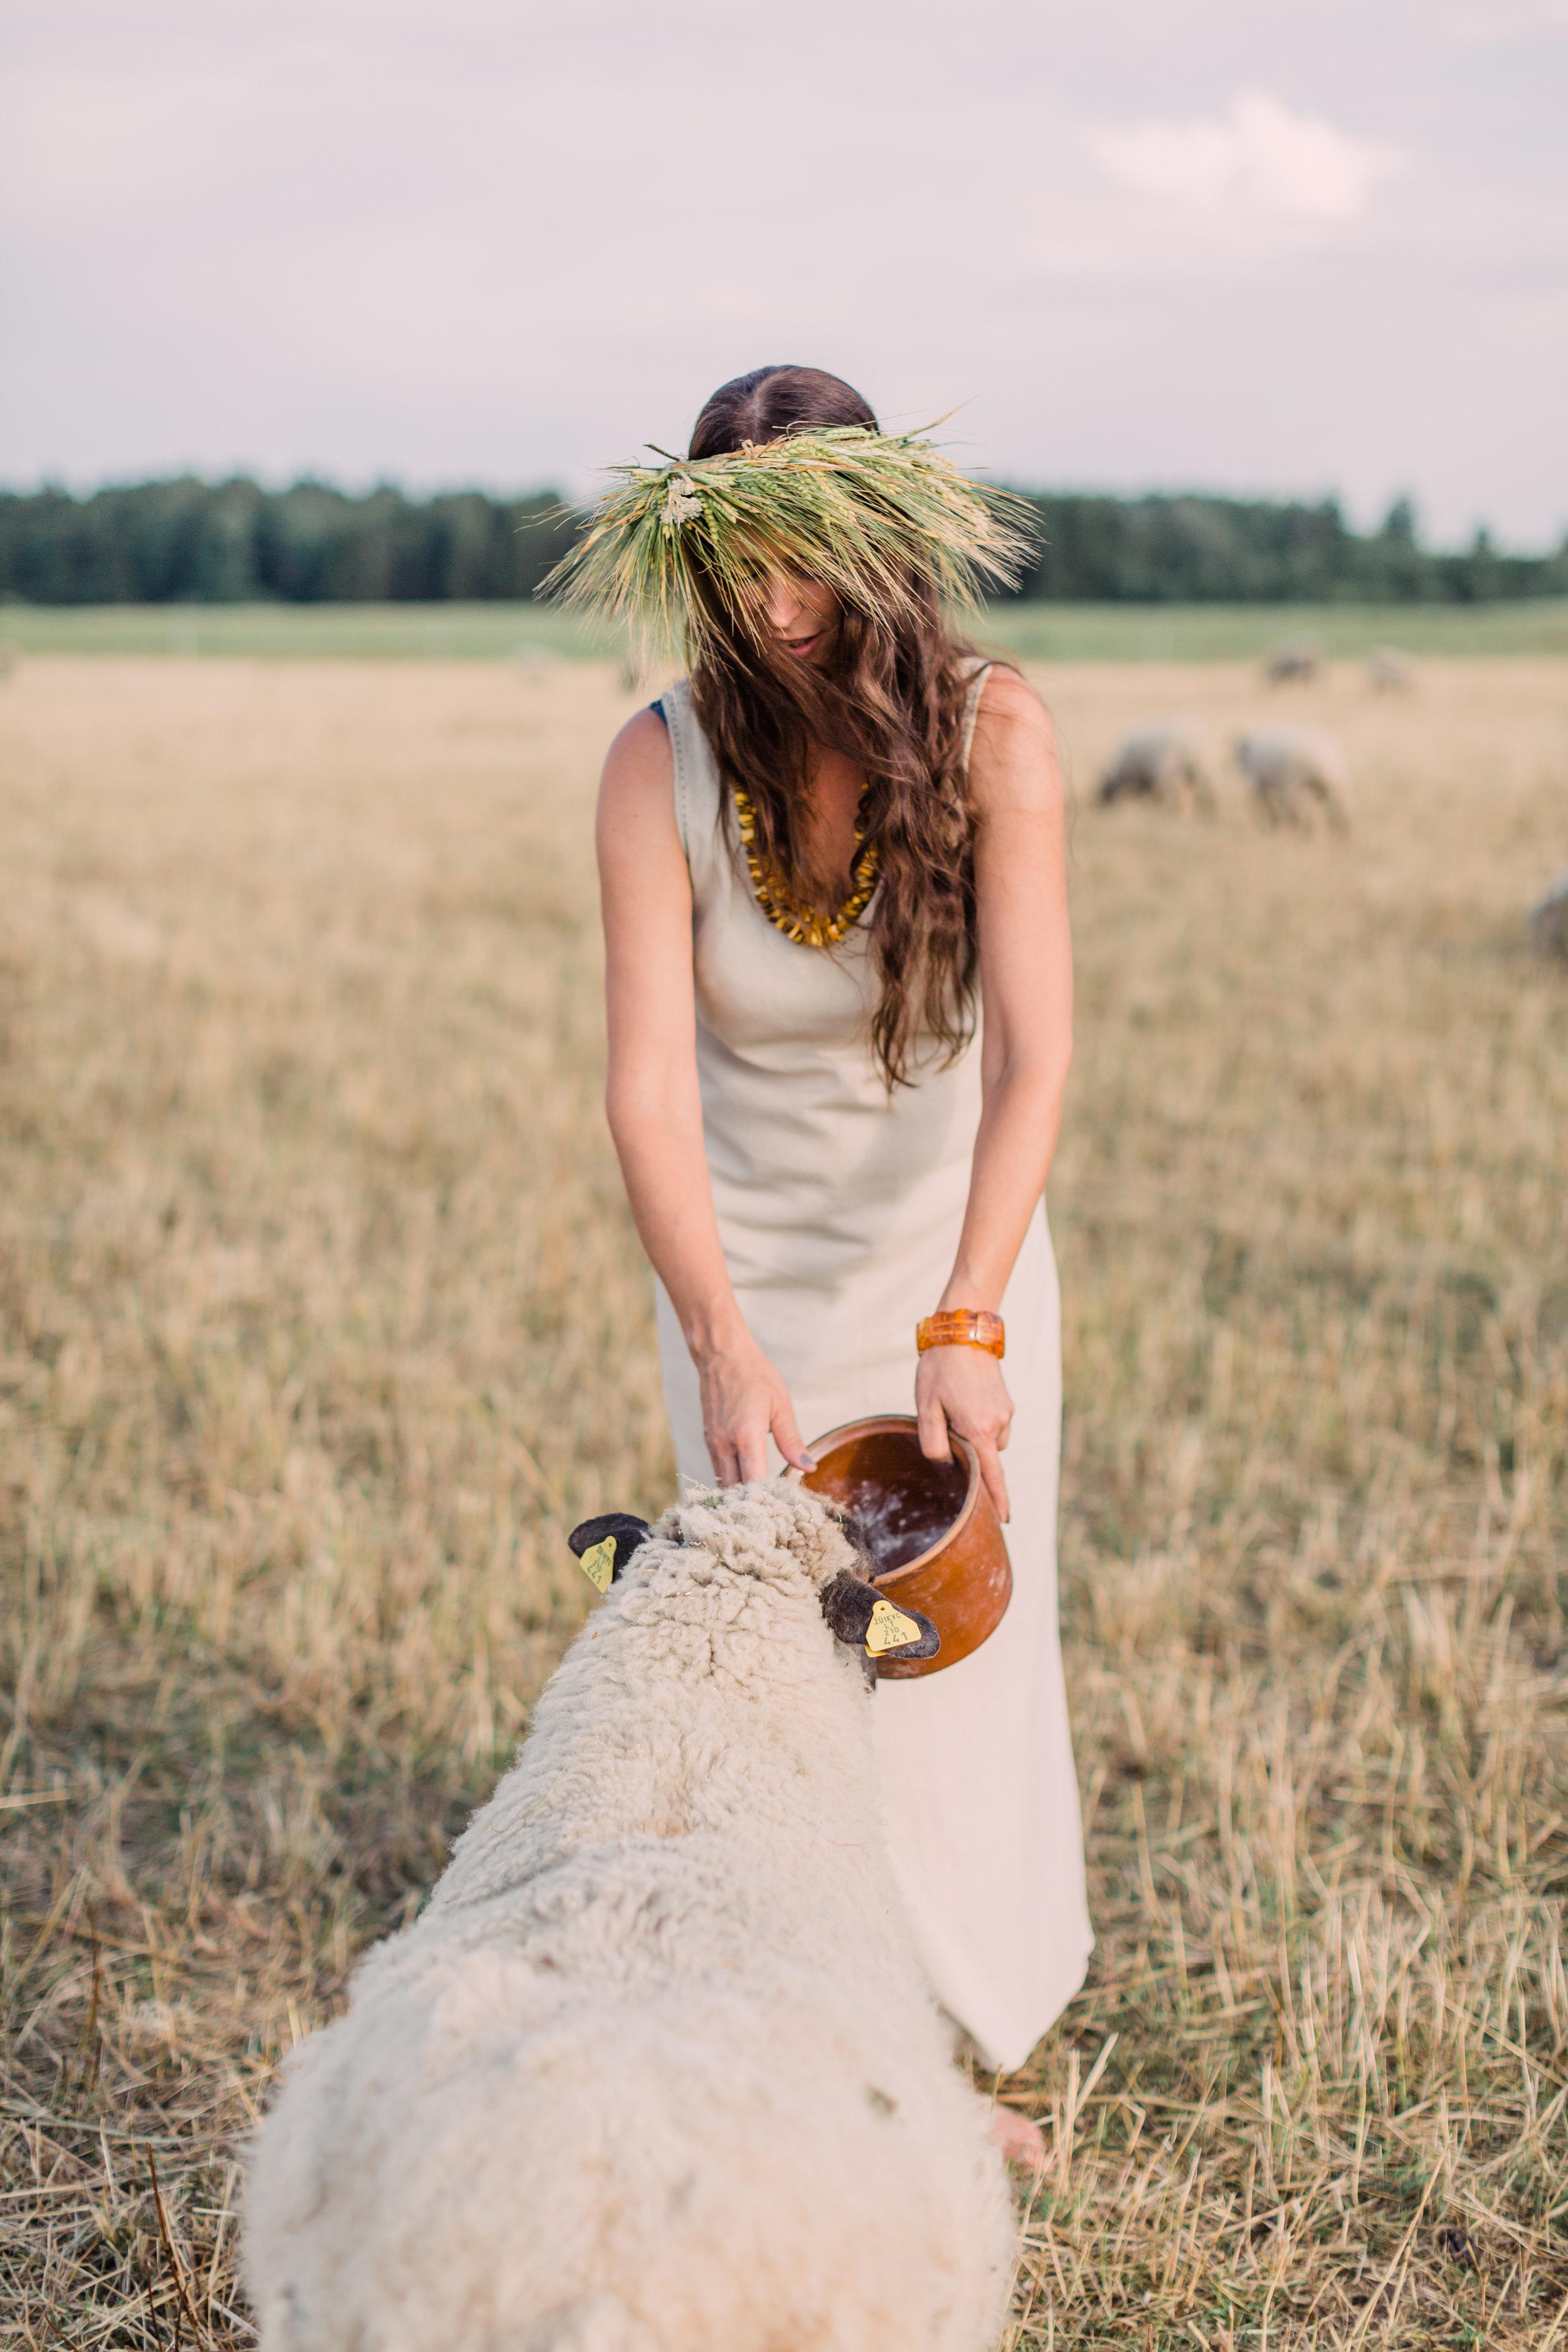 Vitalija & Ieva - Farm Editorial Photo Session_Fine Art Photography_Joana Senkute Photography